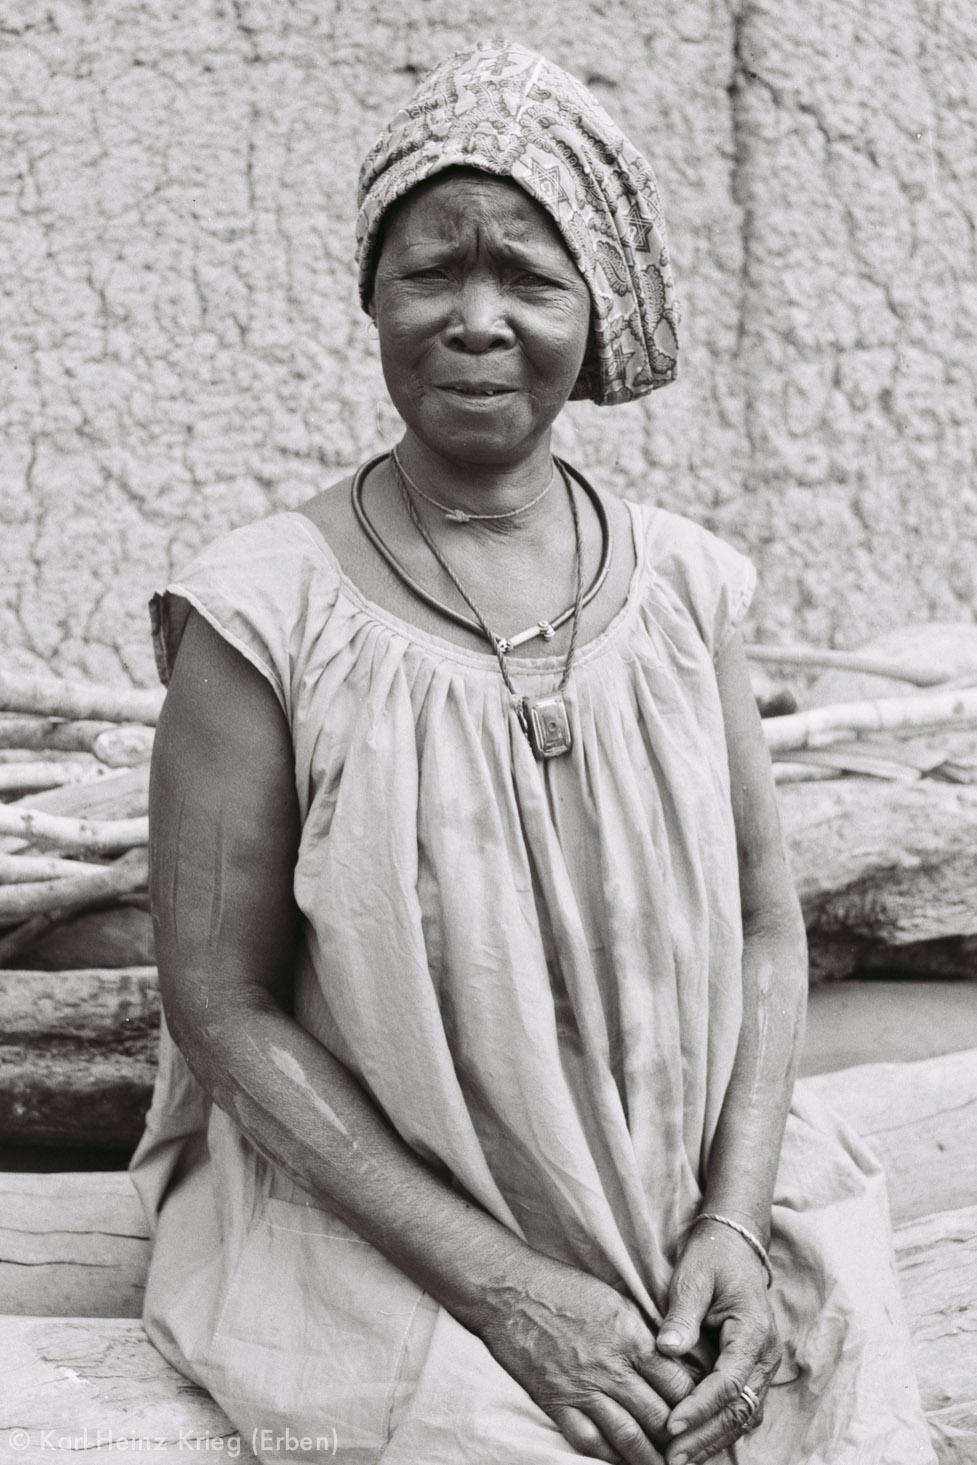 Numu-Töpferin Mano Koromoa aus Zekaha (Region von Boundiali, Côte d'Ivoire). Foto: Karl-Heinz Krieg, 1973